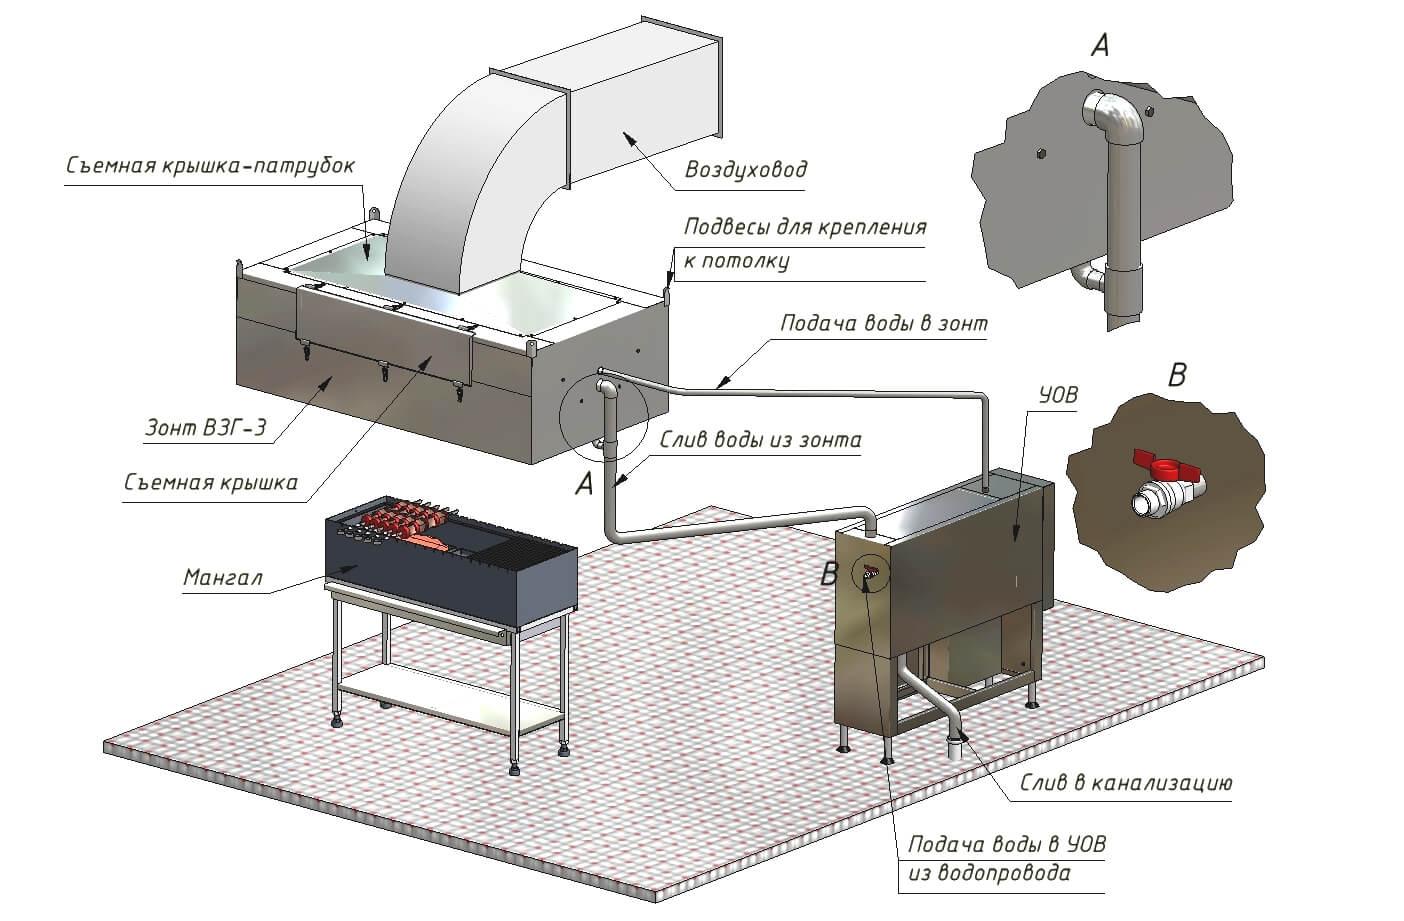 Гидрофильтры airnova aqua | airnova - комплексные решения в области очистки воздуха. аспирация. газоочистка